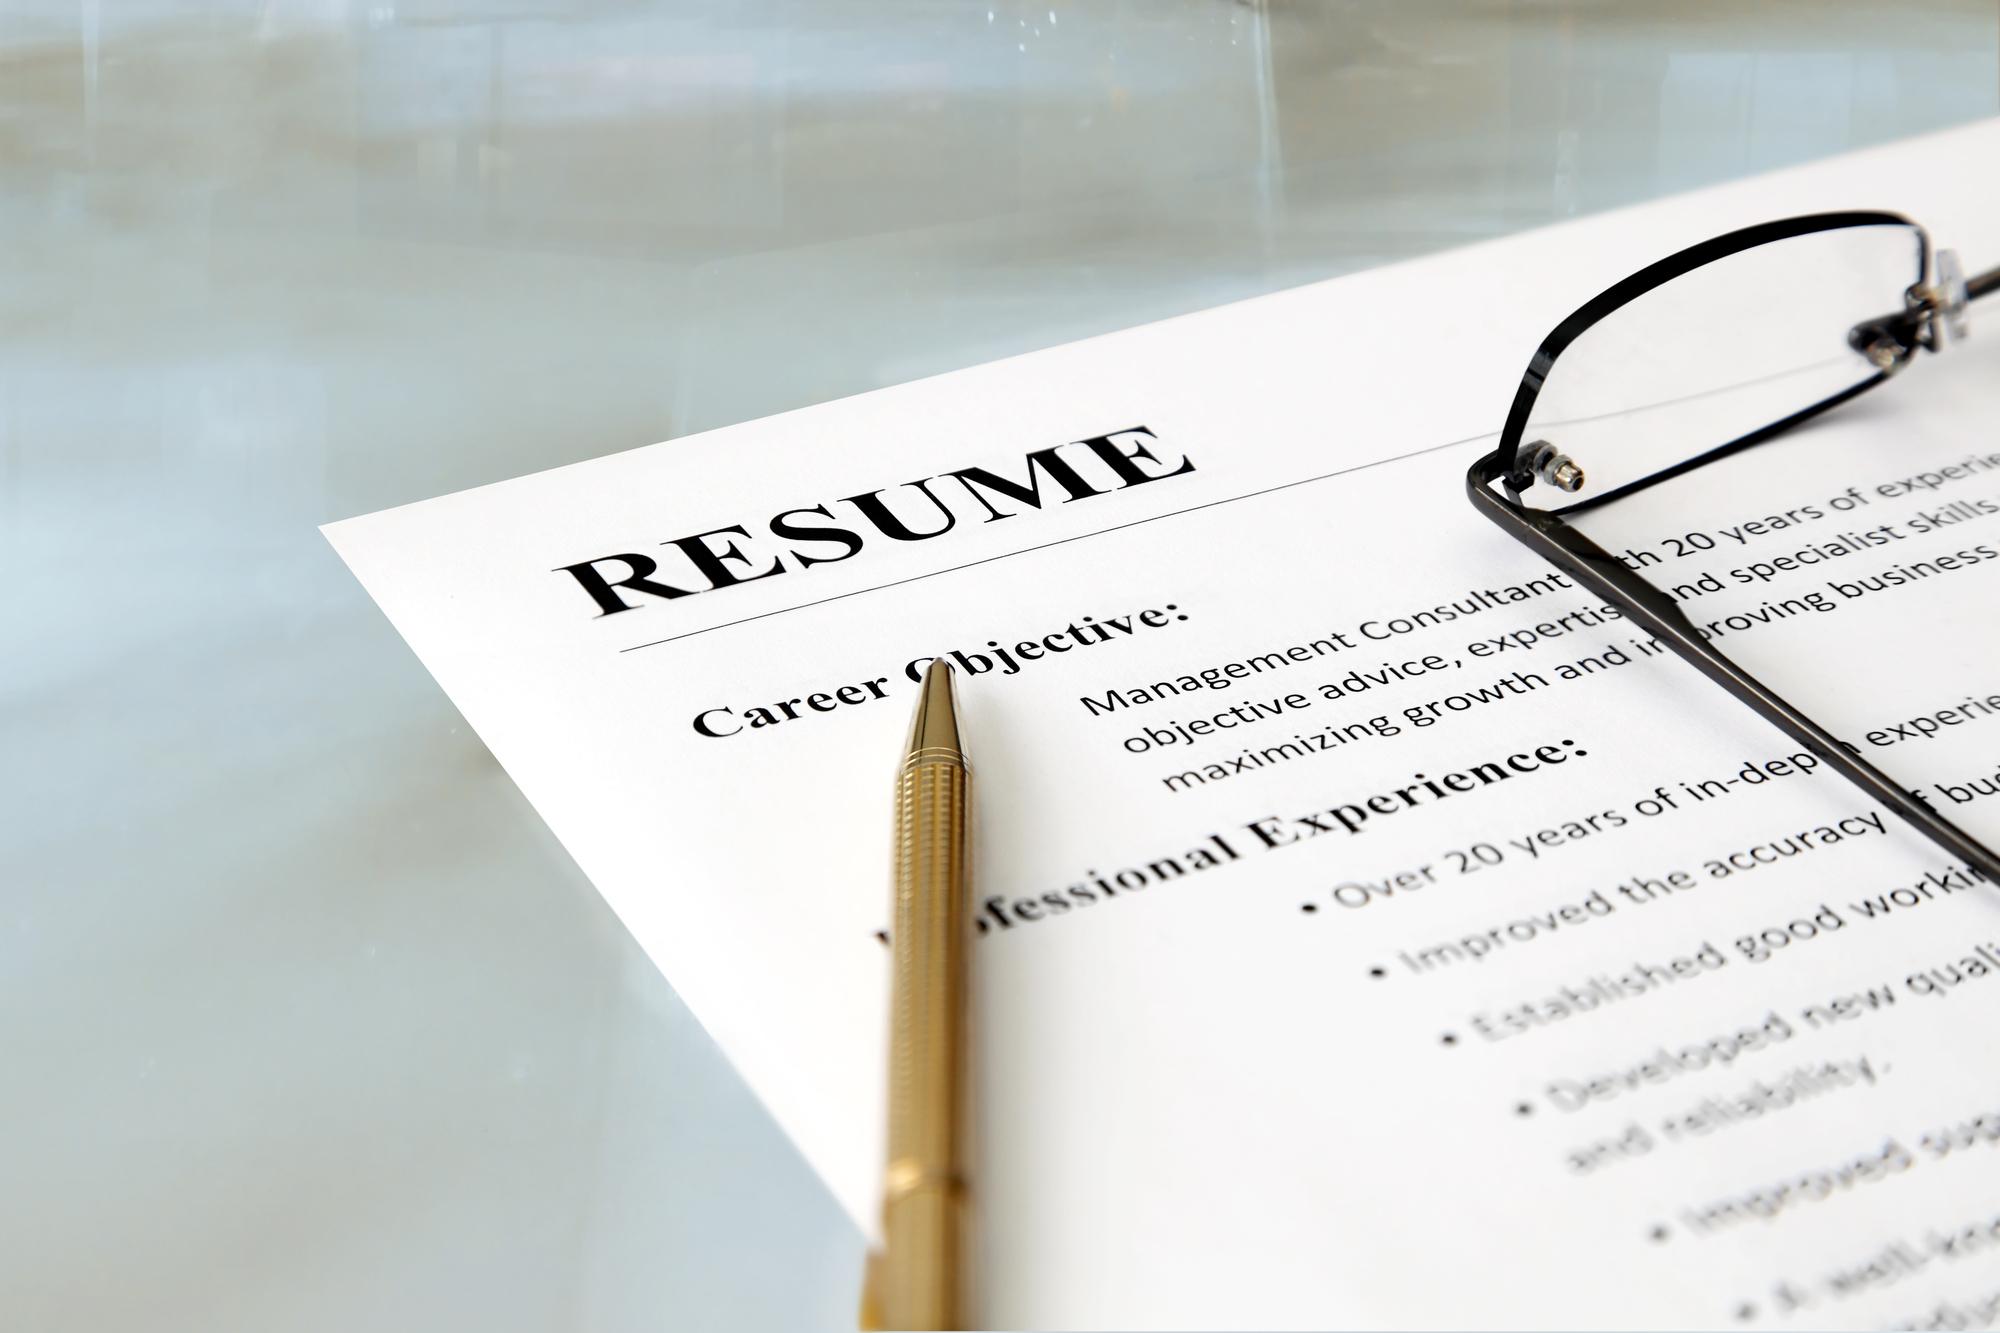 Resume writing services Albany NY